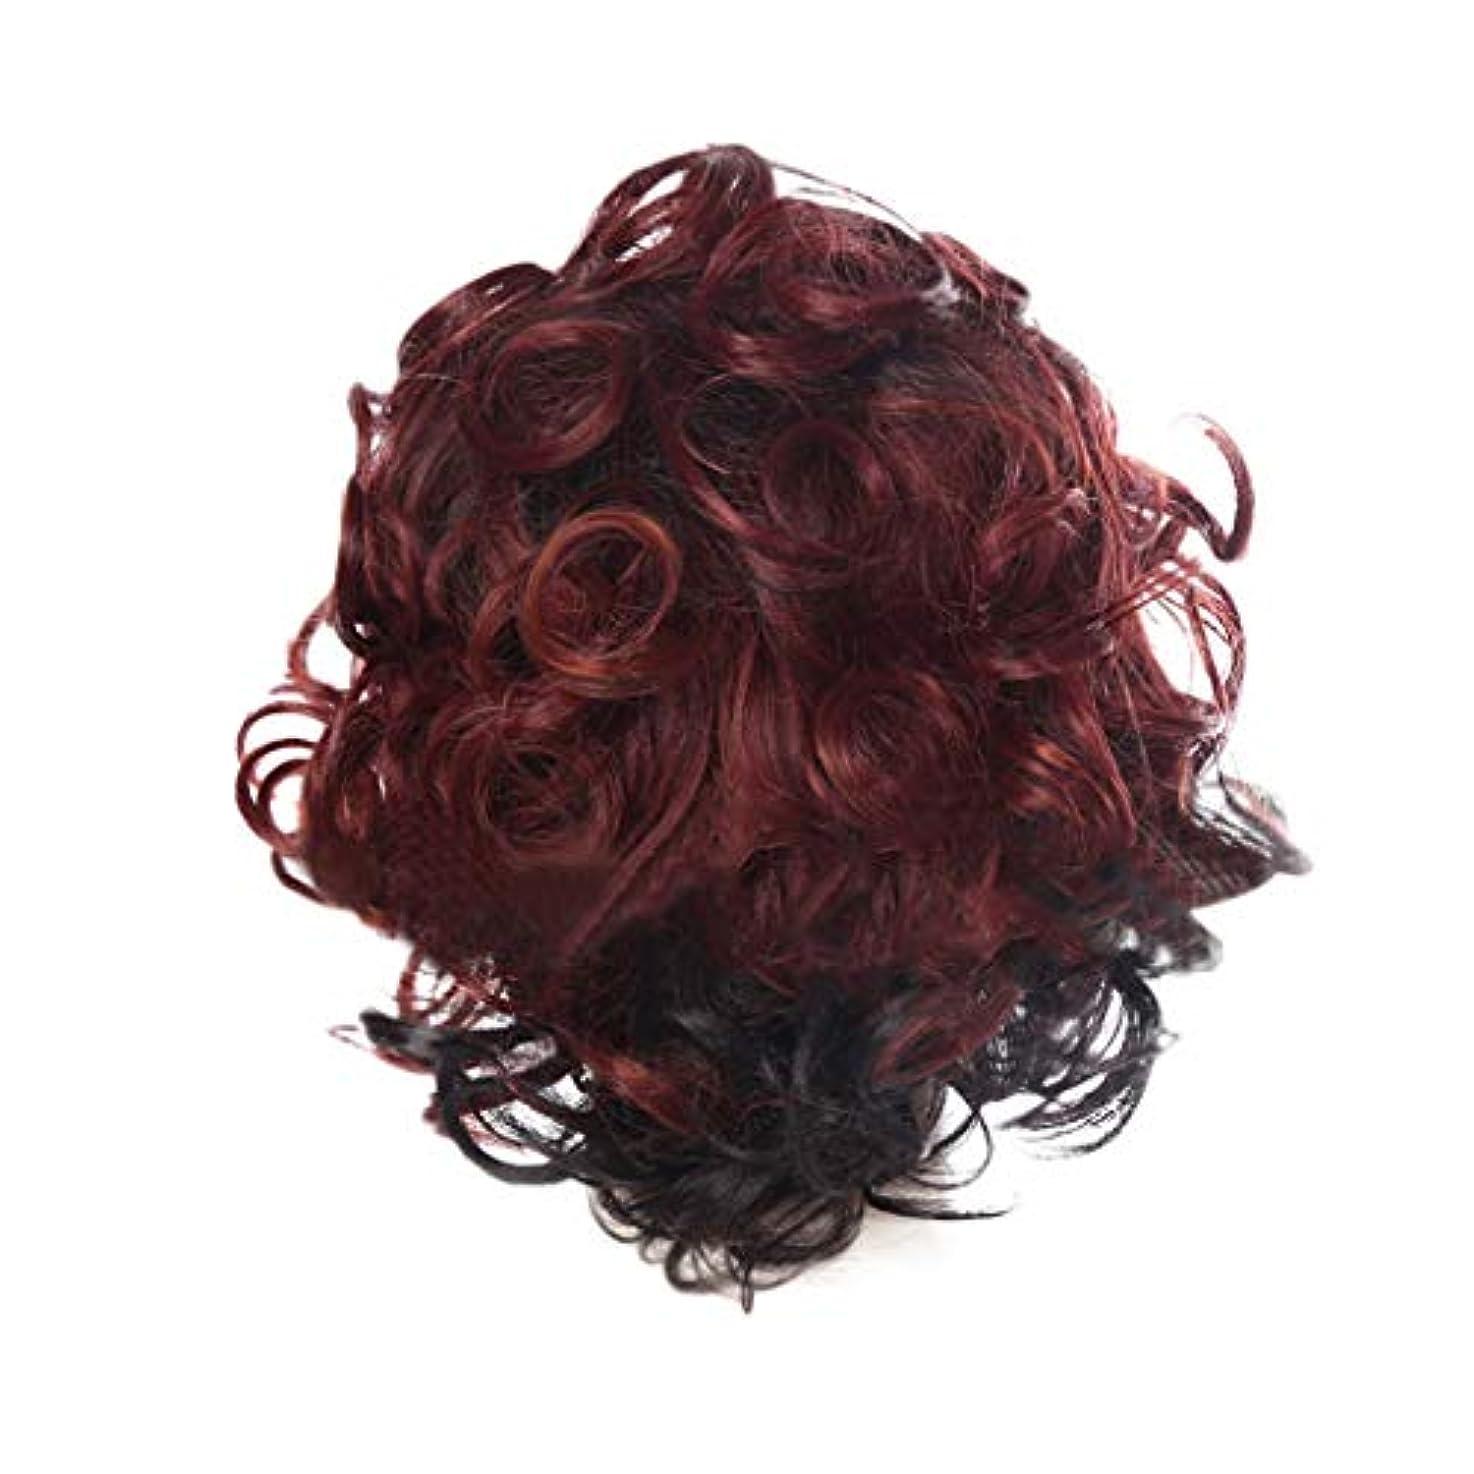 ピストルエチケットロータリー女性の赤い短い巻き毛の人格爆発ヘッドかつら35 cmをかつら